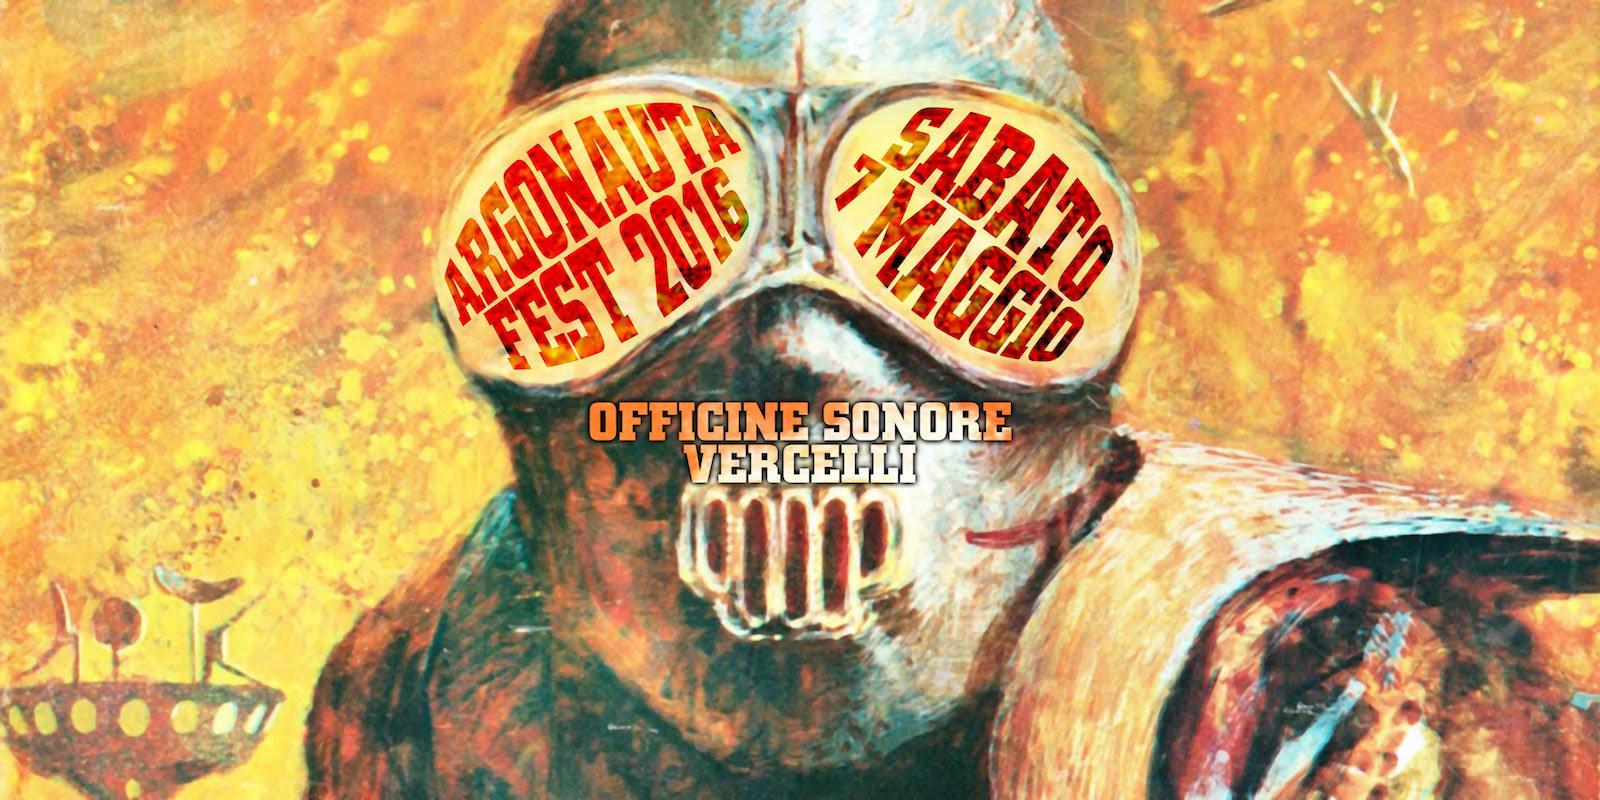 Argonauta Fest 2016 a maggio alle Officine Sonore di Vercelli - Promo